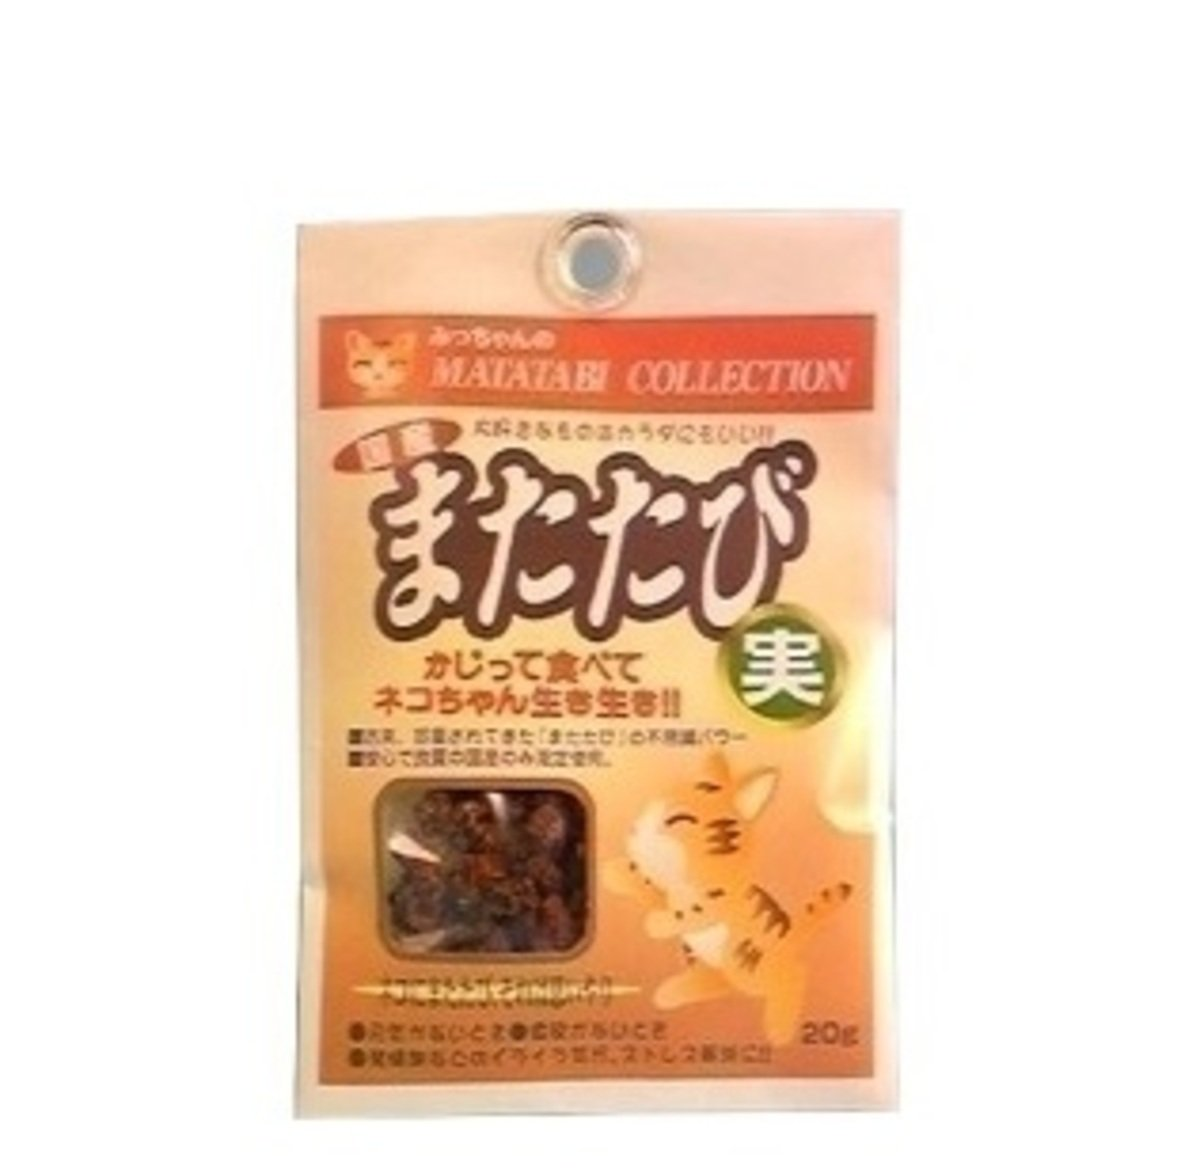 日本產木天蓼果實